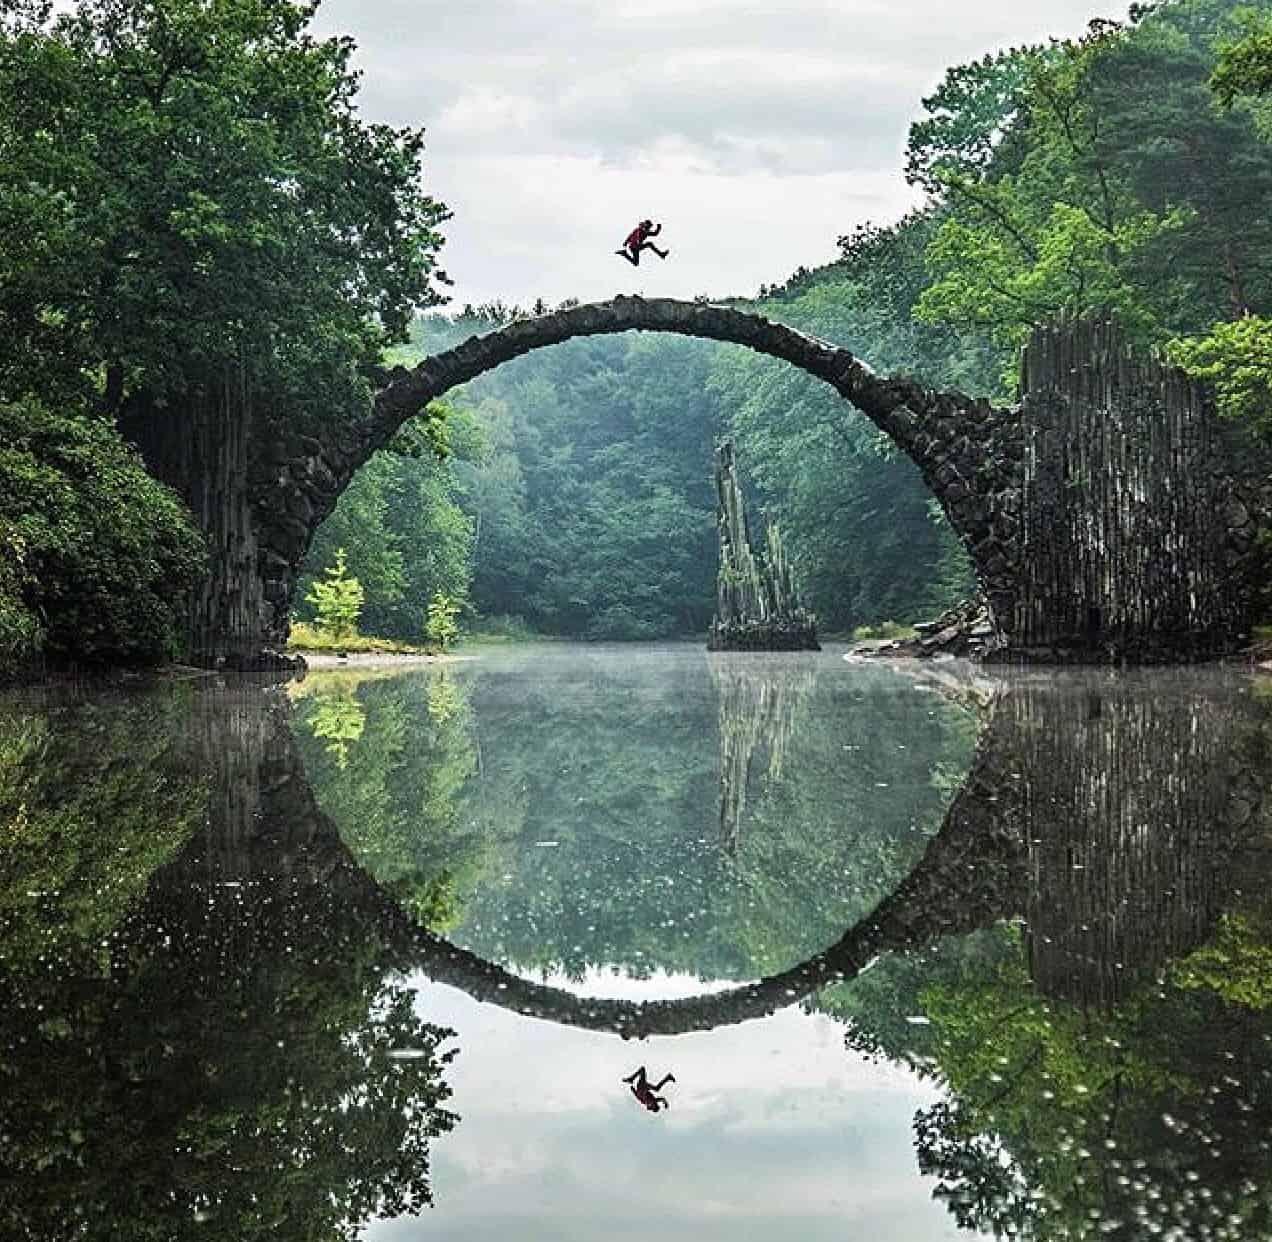 Rakotzbrücke Devil's Bridge